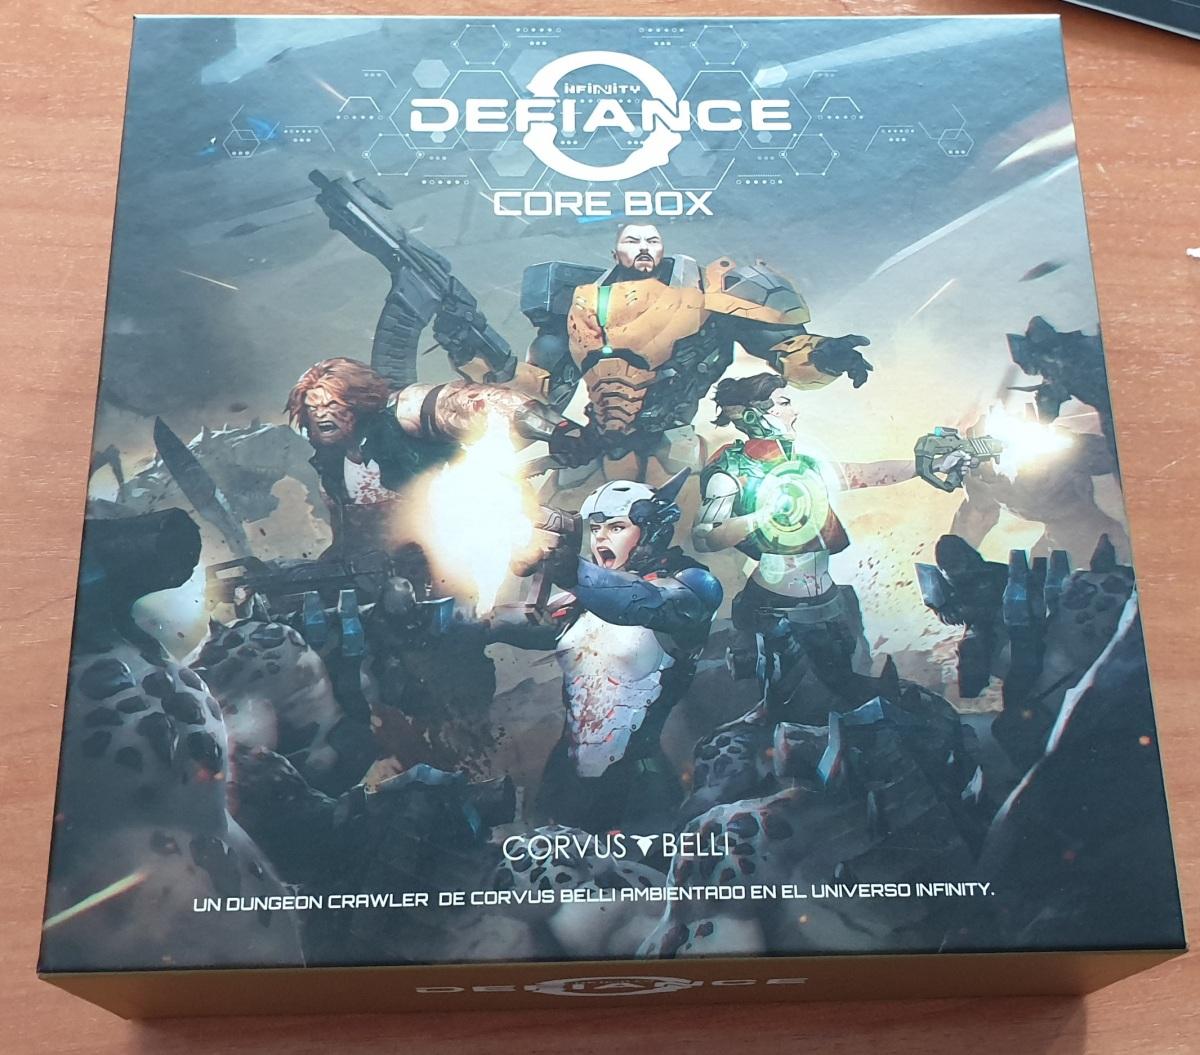 Unboxing de InfinityDefiance